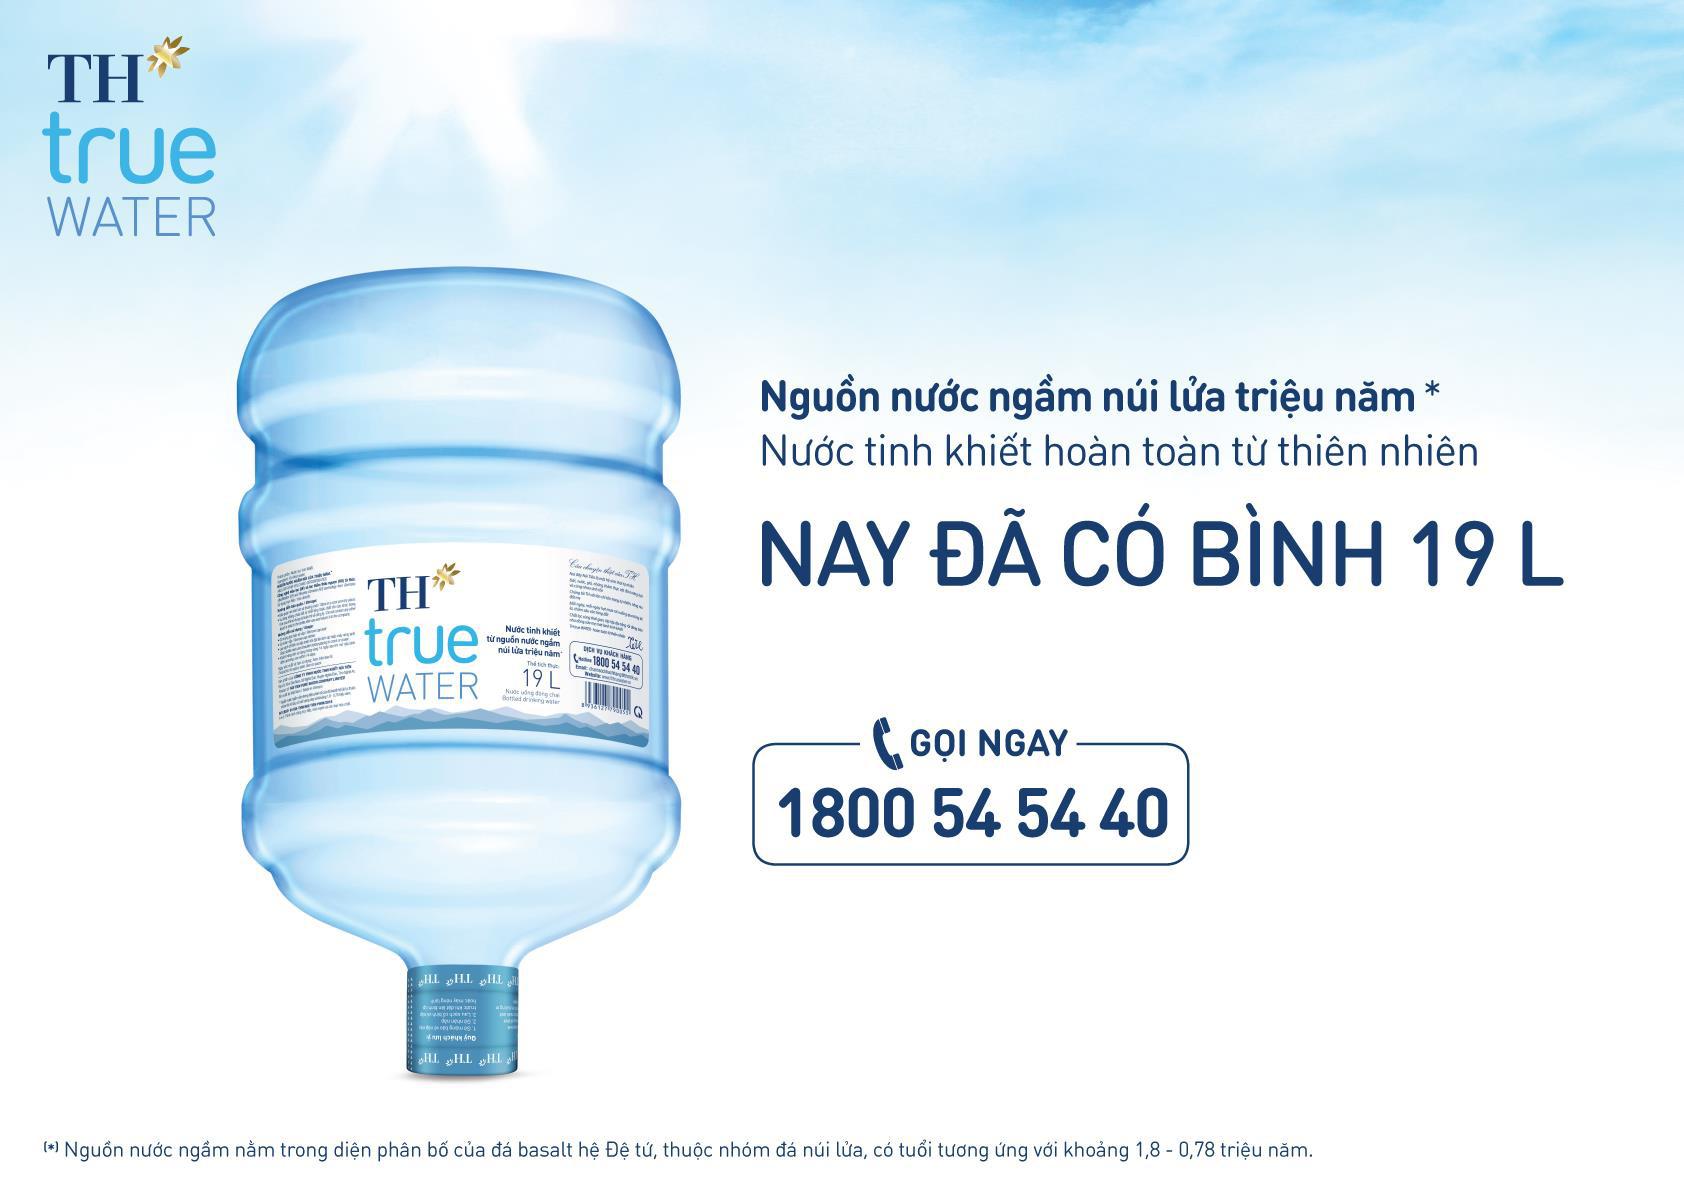 Ngọn núi lửa đã tắt ở Việt Nam mang đến nguồn nước quý cho sức khỏe - Ảnh 9.